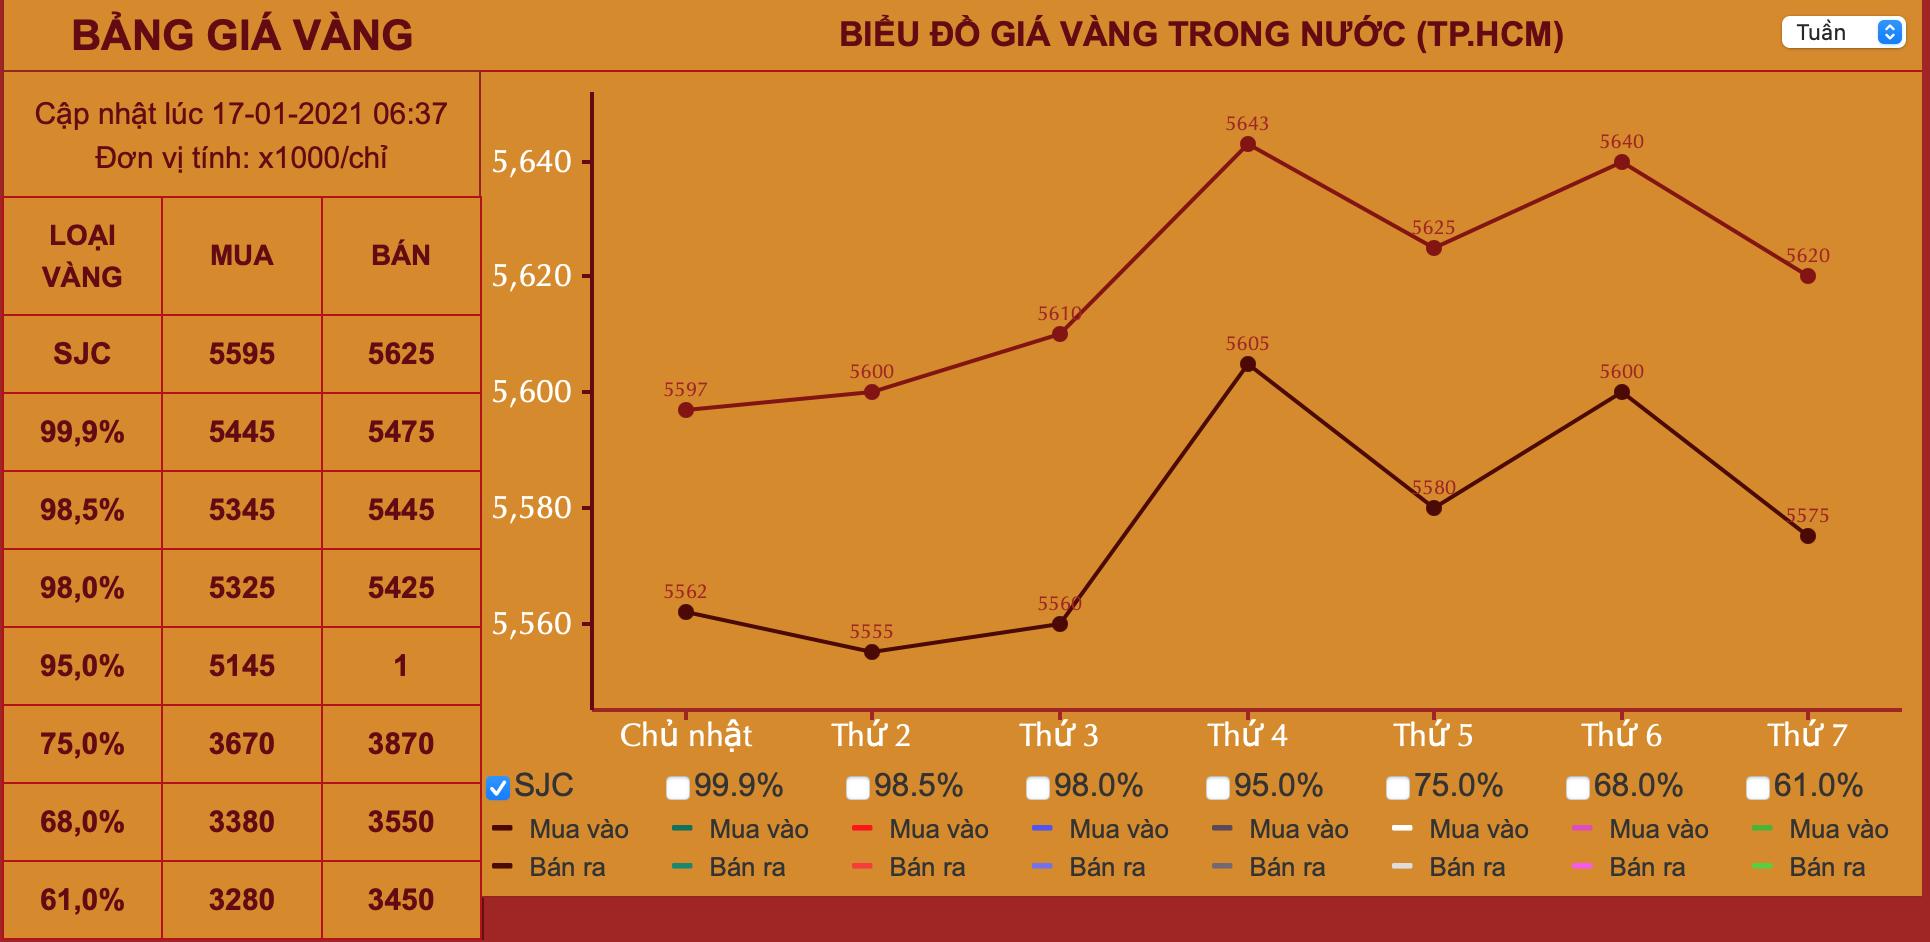 Giá vàng hôm nay 17/1: Nhà đầu tư bán tháo mạnh, vàng giảm 0,3% so với tuần trước - Ảnh 1.